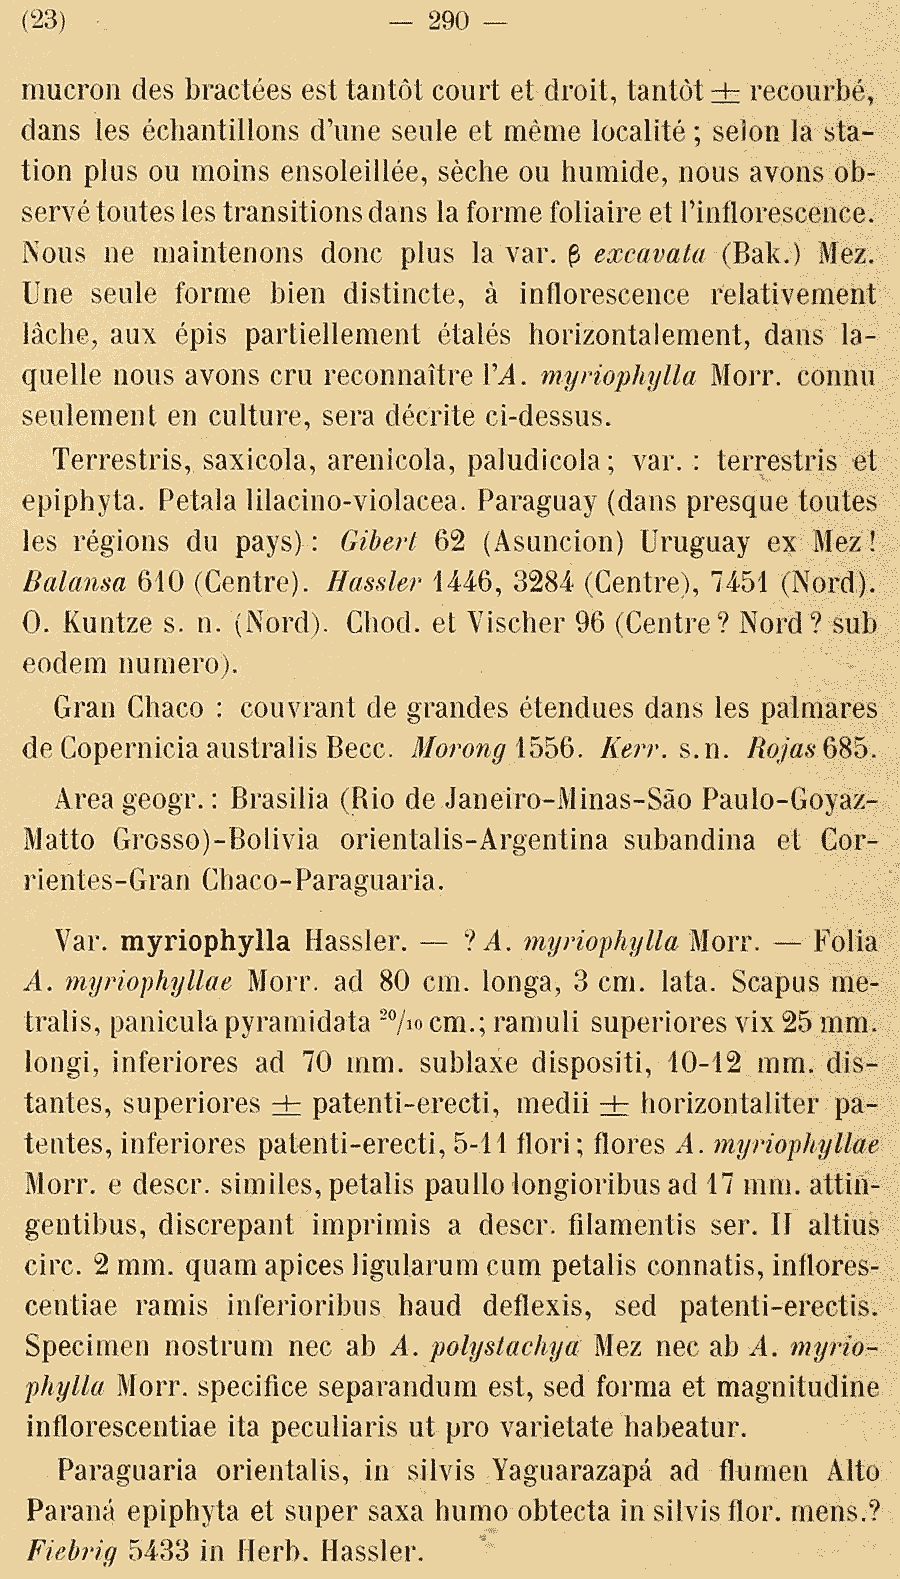 https://forum.plantarium.ru/misc.php?action=pun_attachment&item=29865